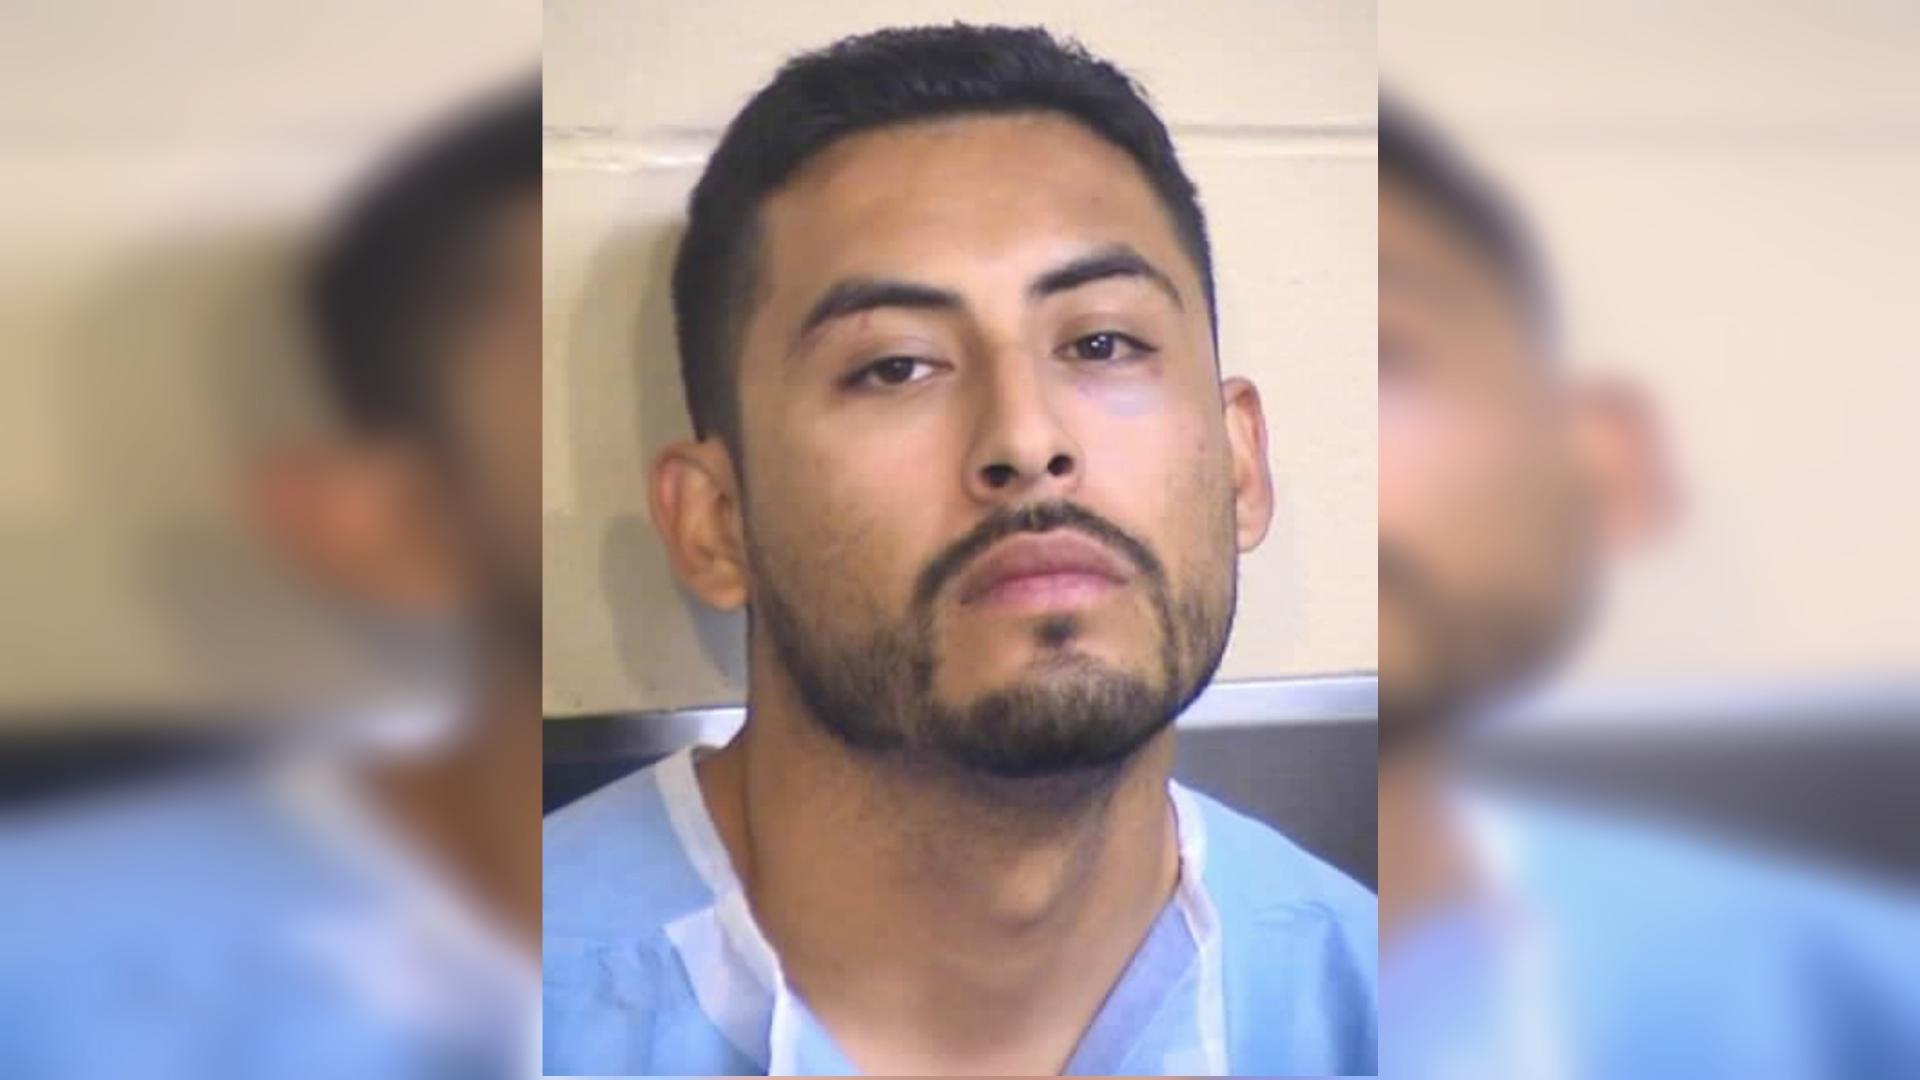 Fabian Ornelas, 30, of Fresno (Fresno County Sheriff's Office)